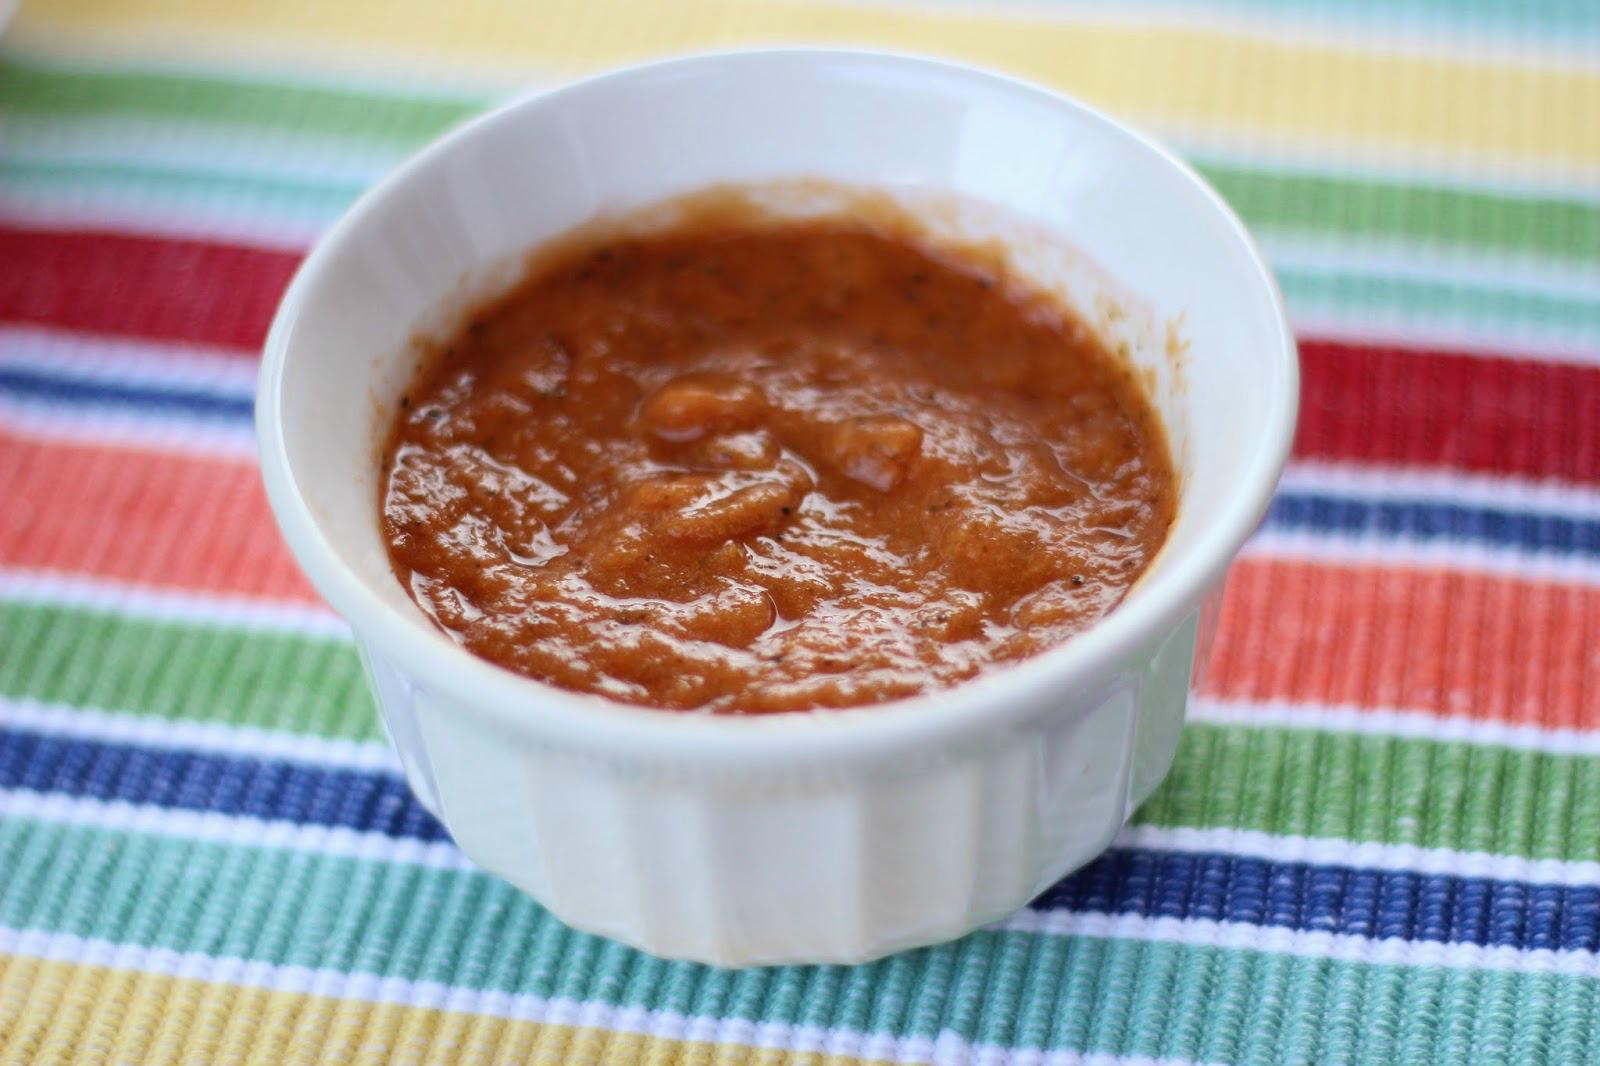 How to Make Healthy, Organic, Homemade Ketchup (No Added Sugar!)